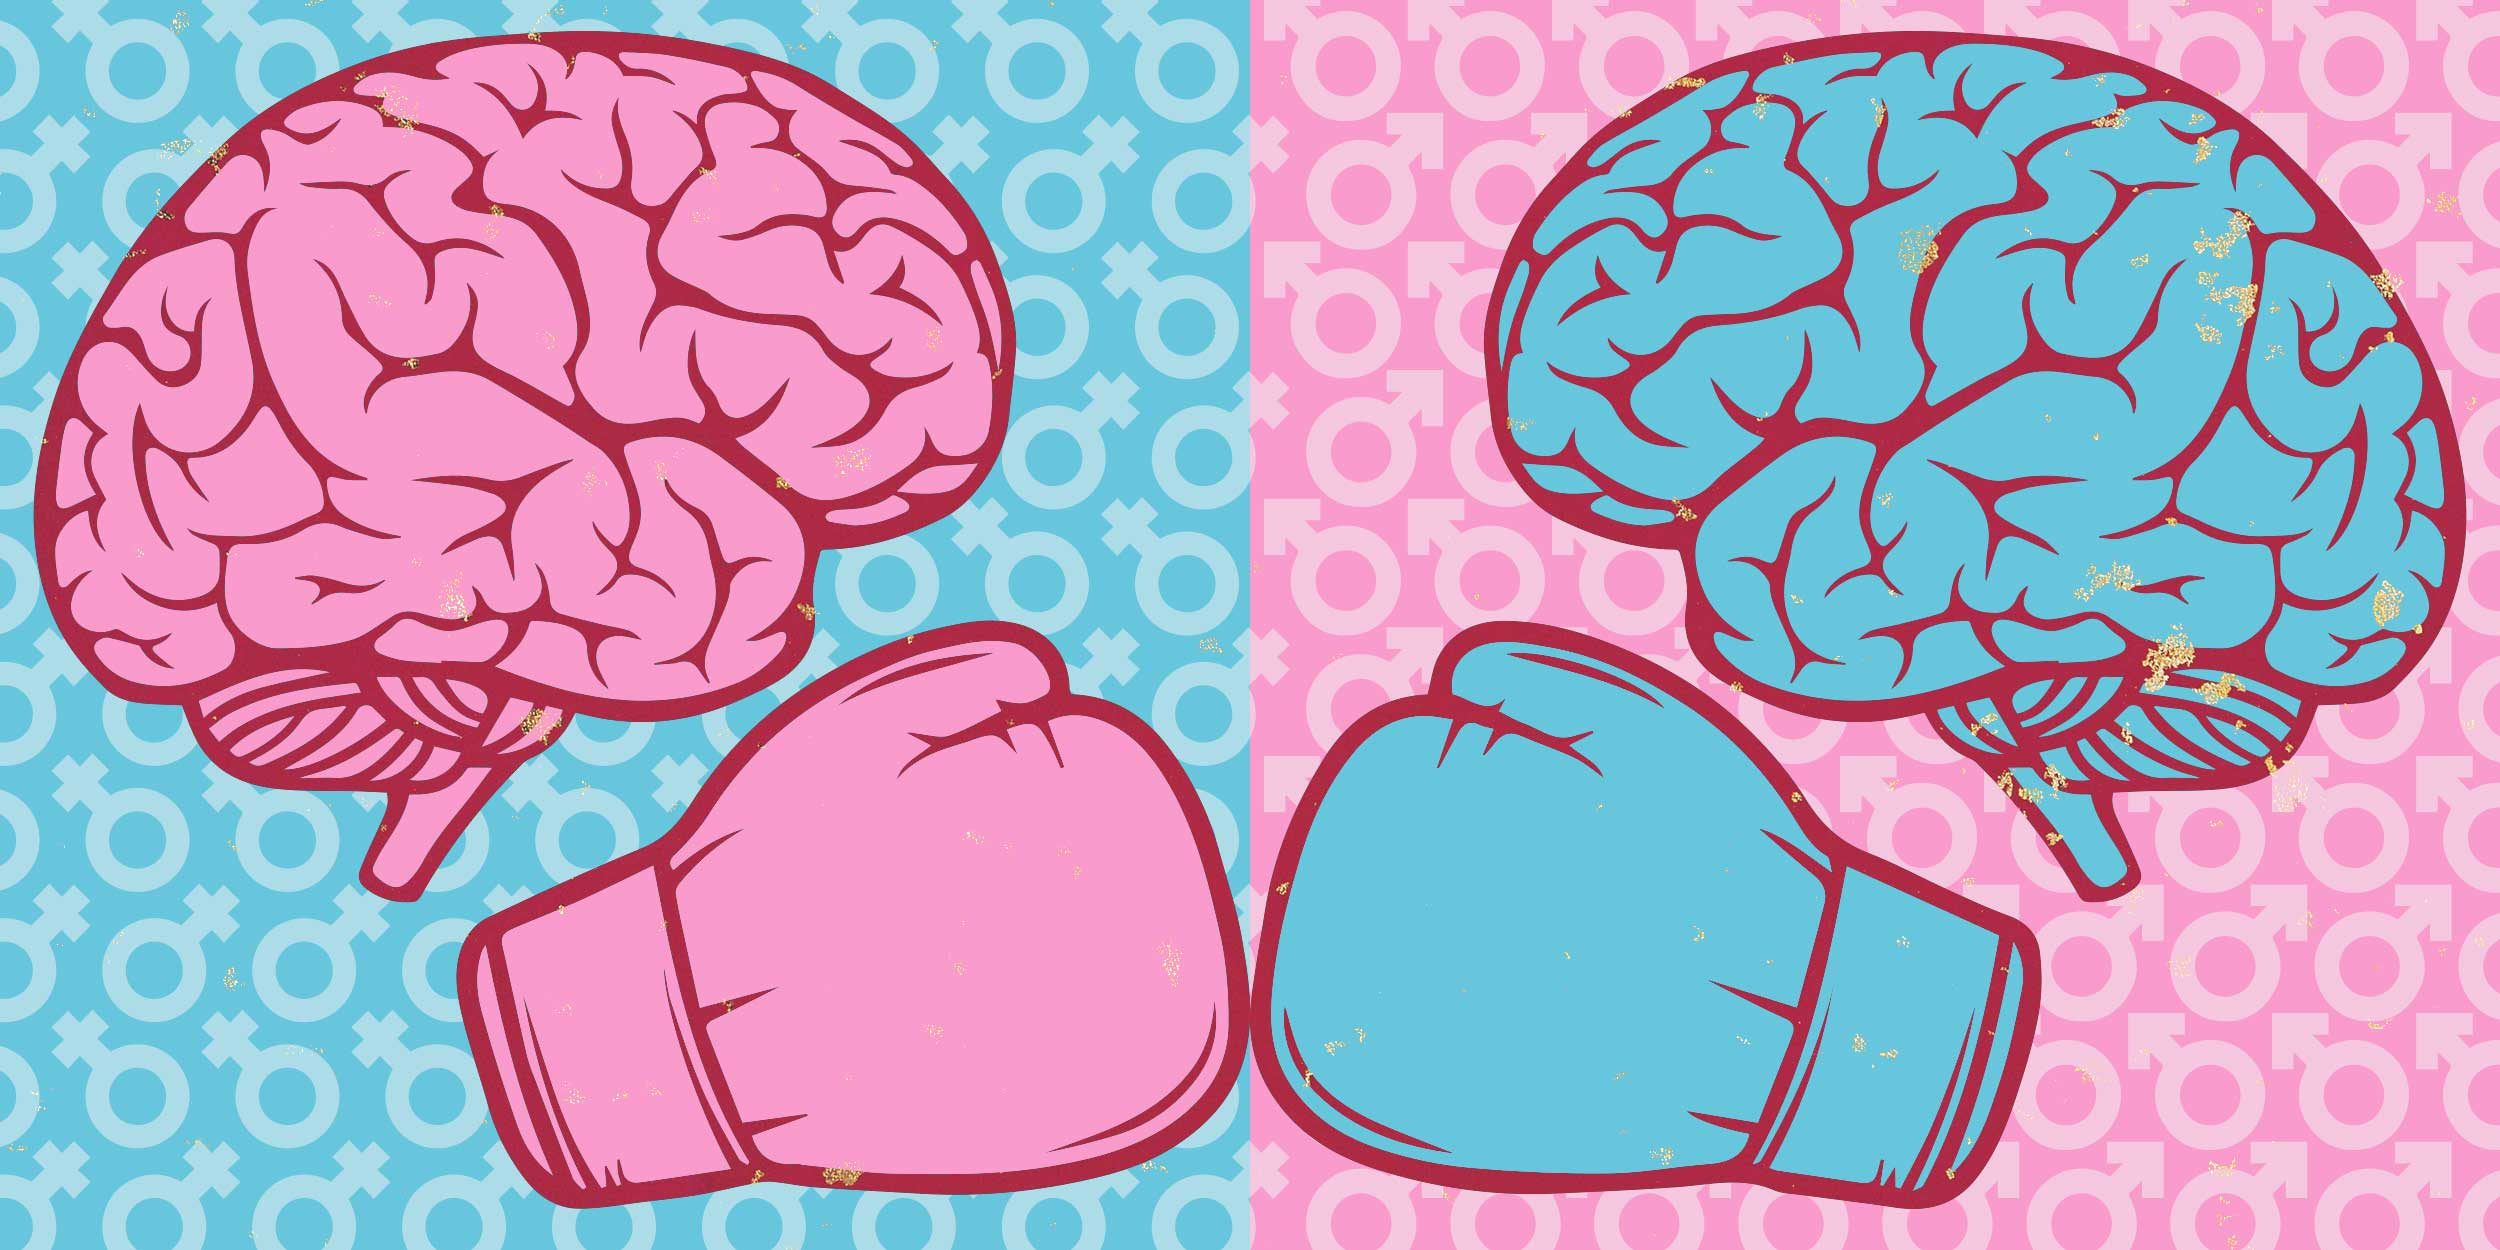 23063 Чем различается мужской и женский мозг и на что это влияет